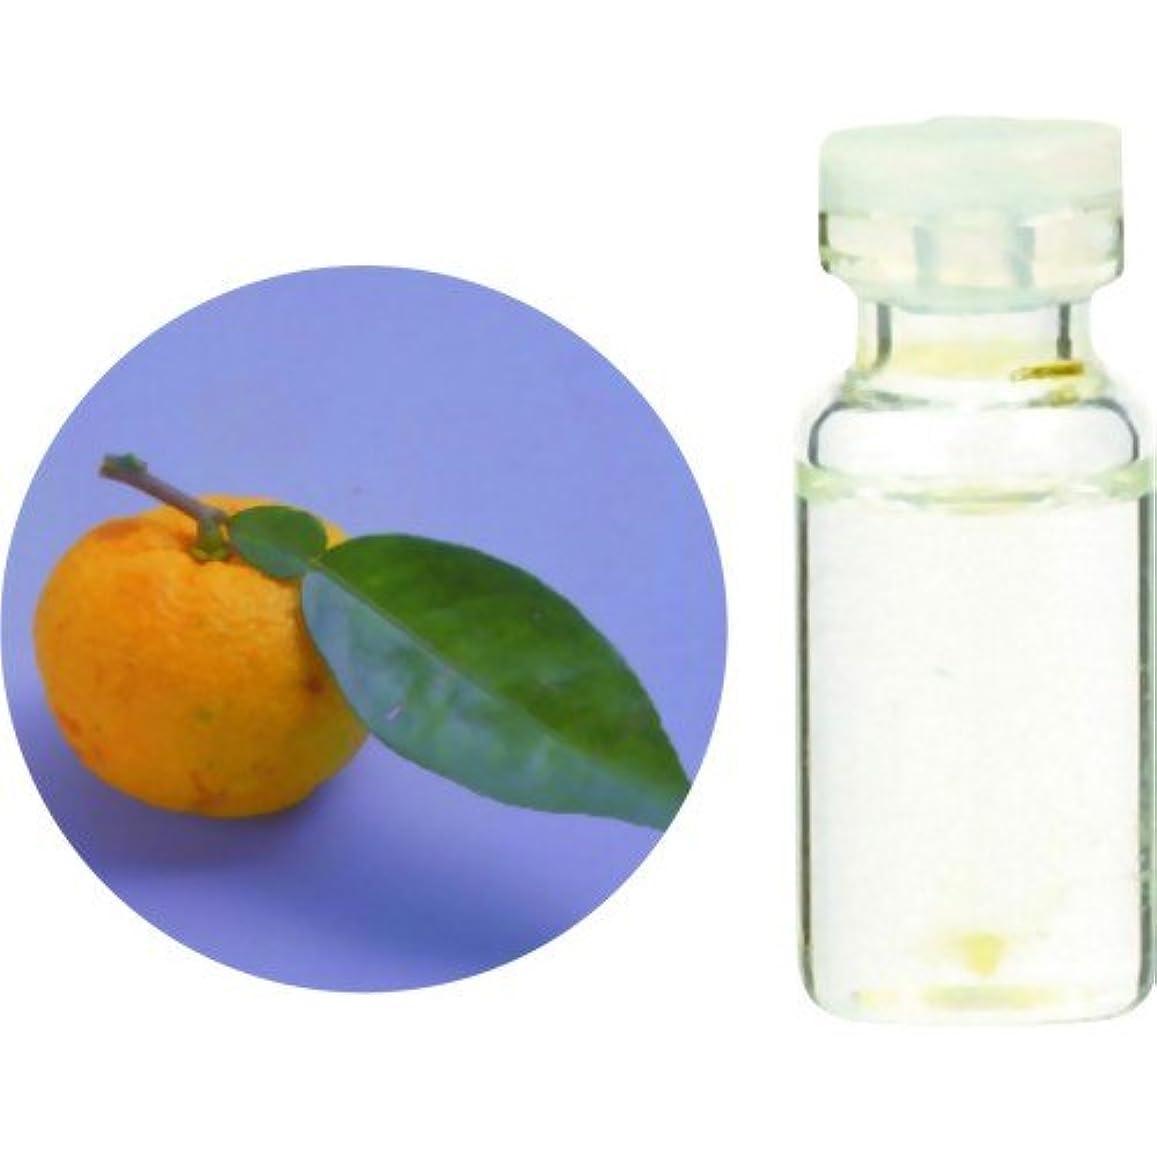 支配するワイドひねくれた生活の木 Herbal Life 和精油 柚子(ゆず)(水蒸気蒸留法) 3ml